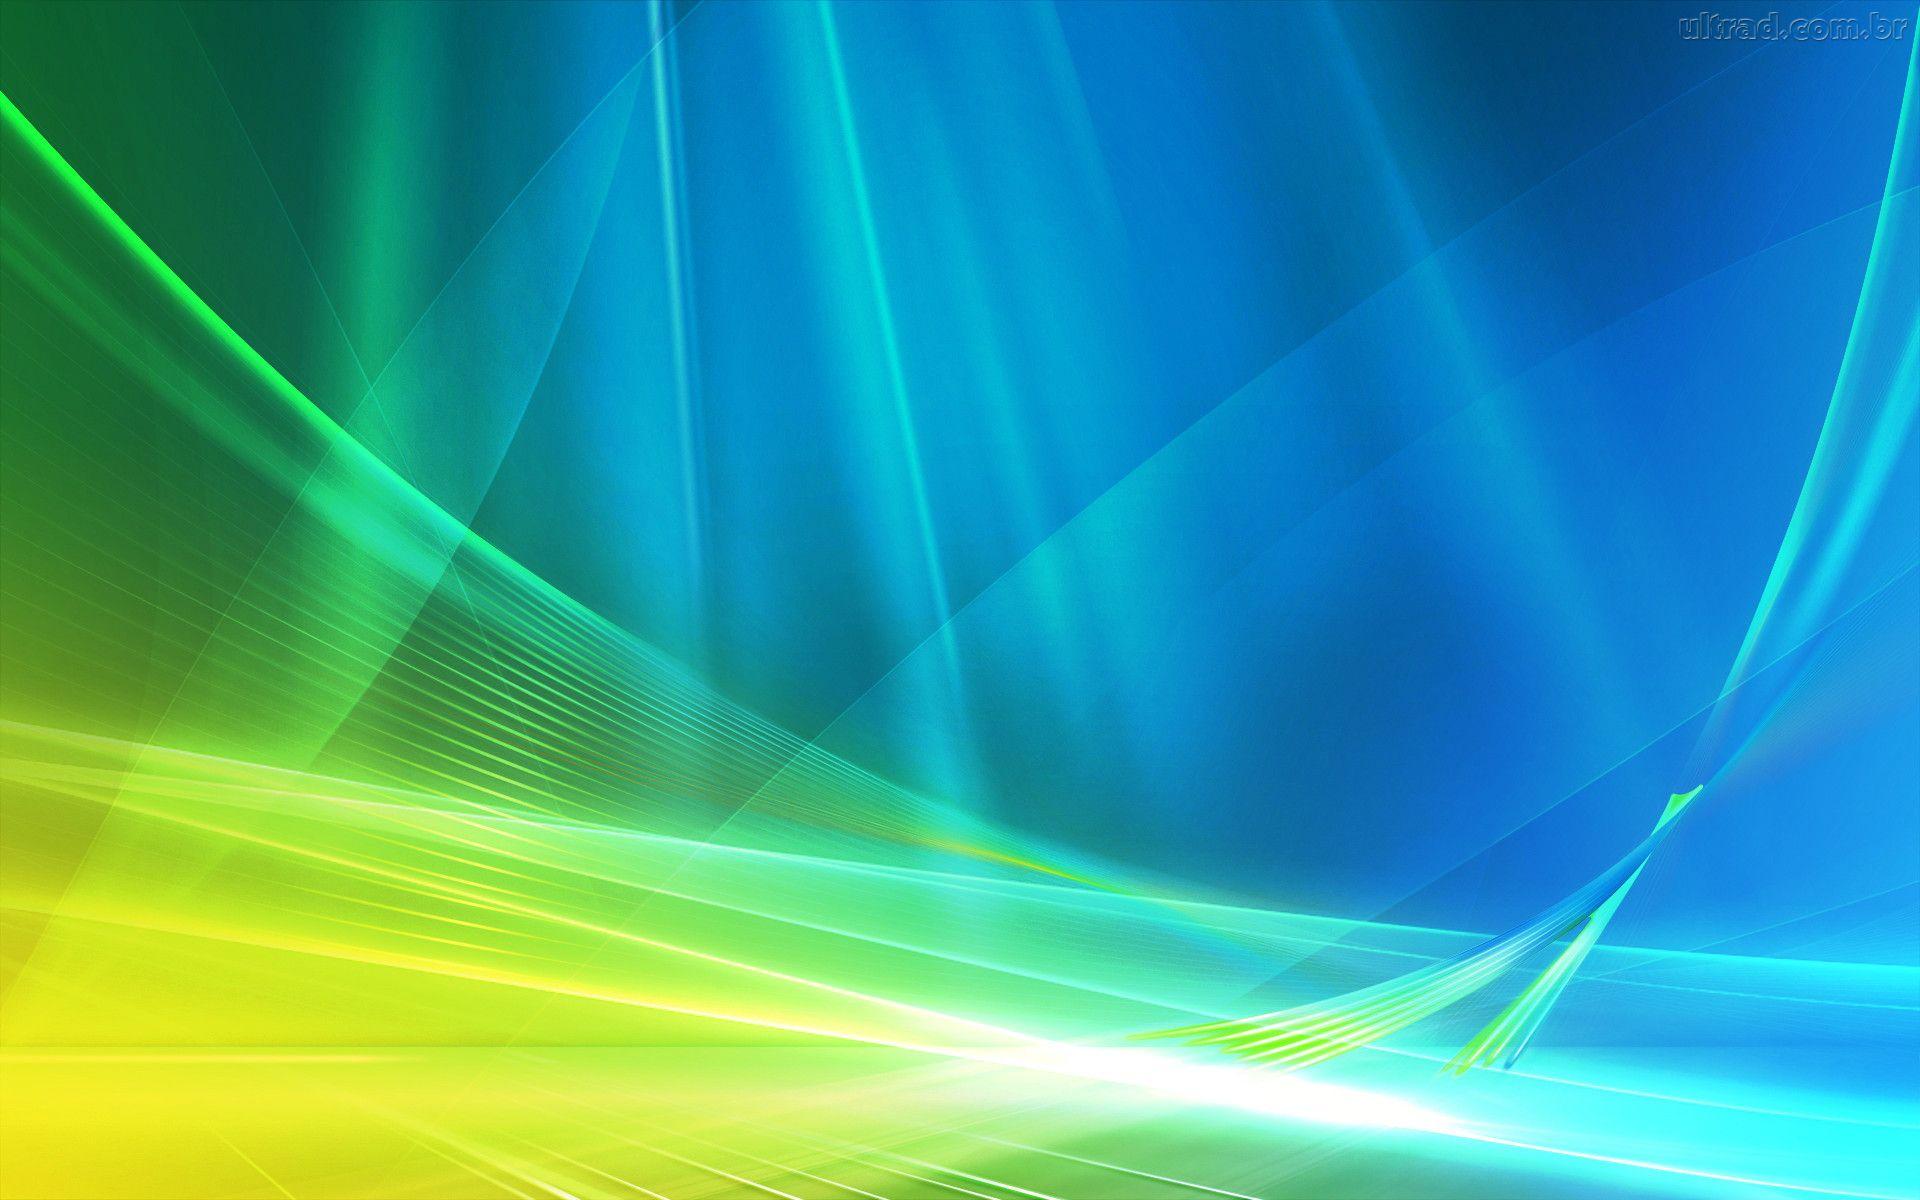 Microsoft Windows Vista Wallpaper - WallpaperSafari